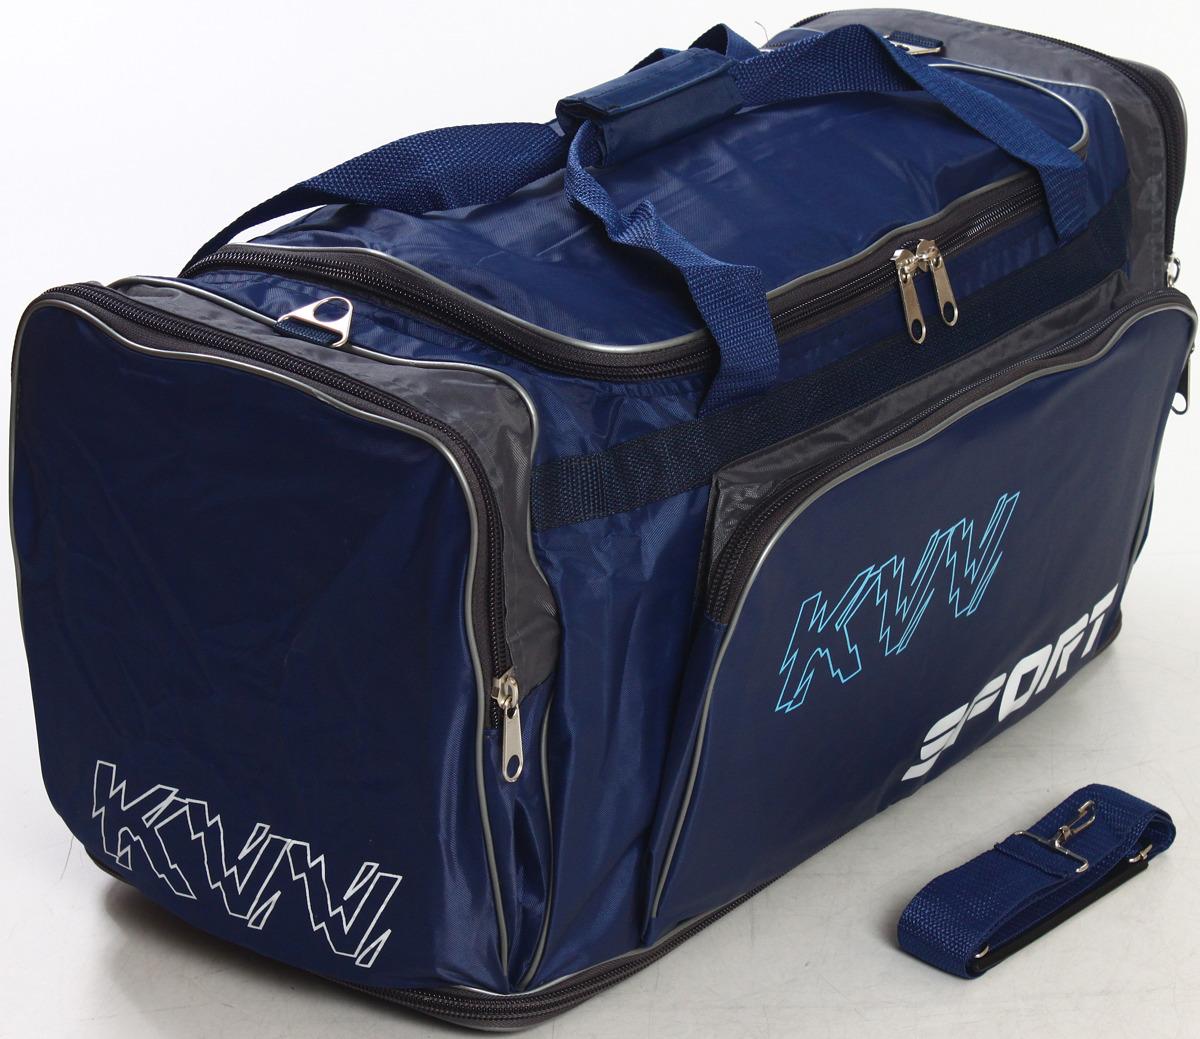 Сумка дорожно-спортивная Ibag, цвет: синий, серый, 50-78,5 л. 6323